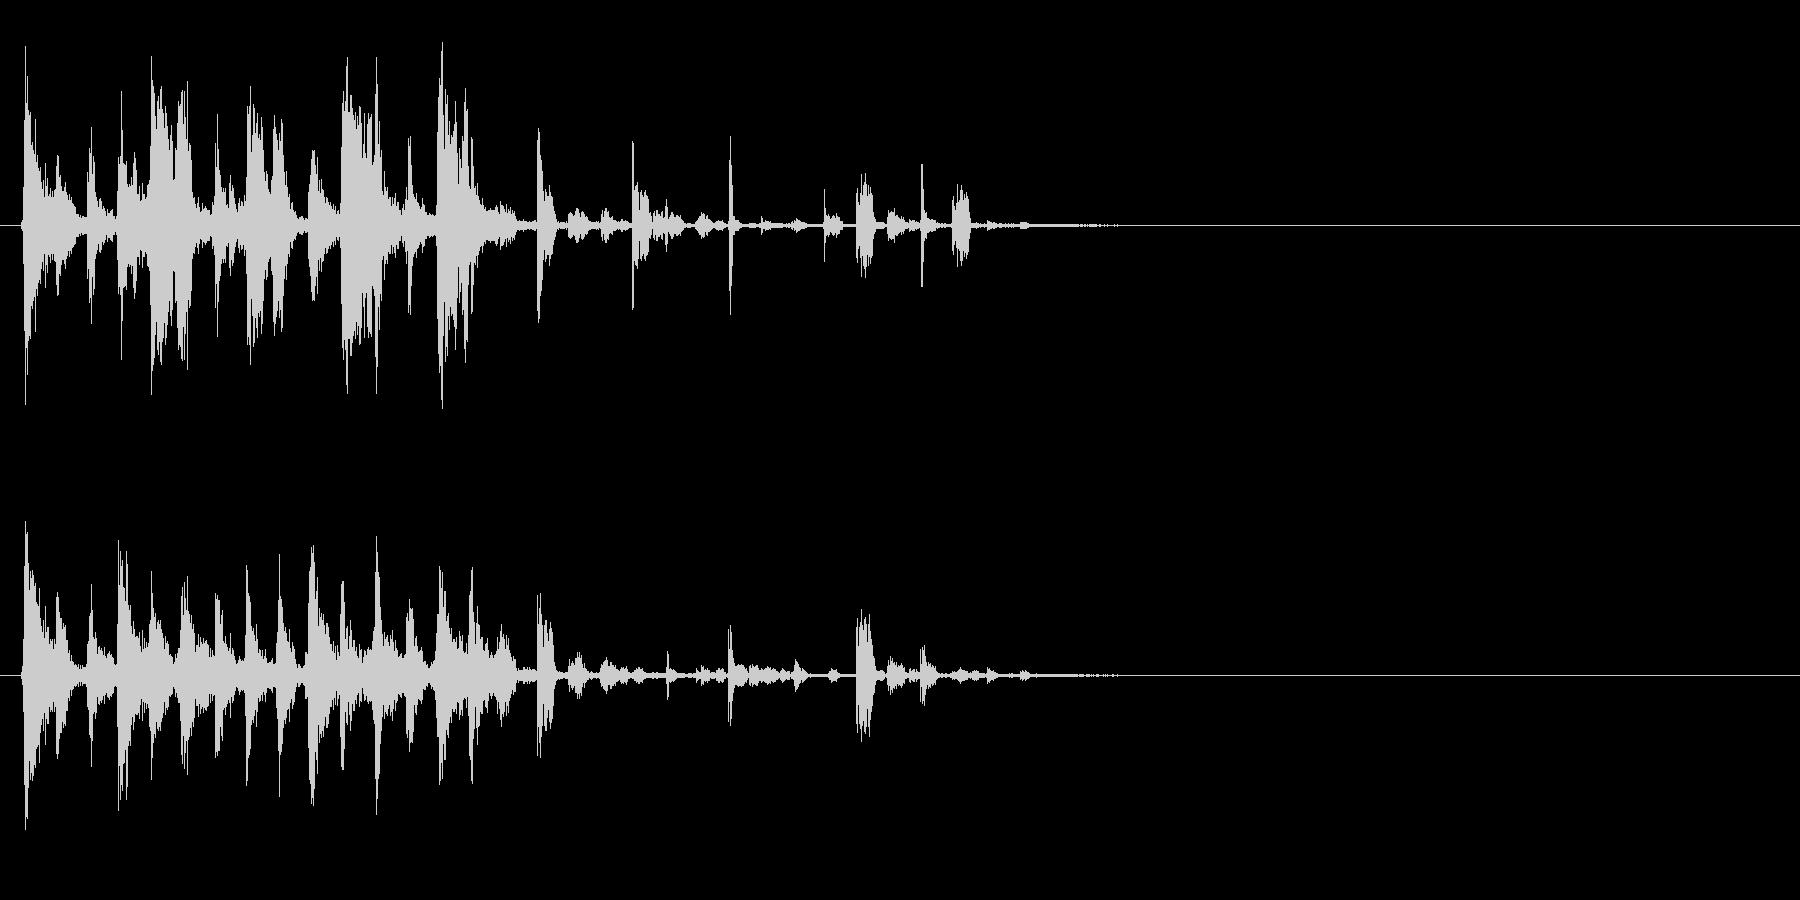 リズム系映像のテーマテロップ音の未再生の波形